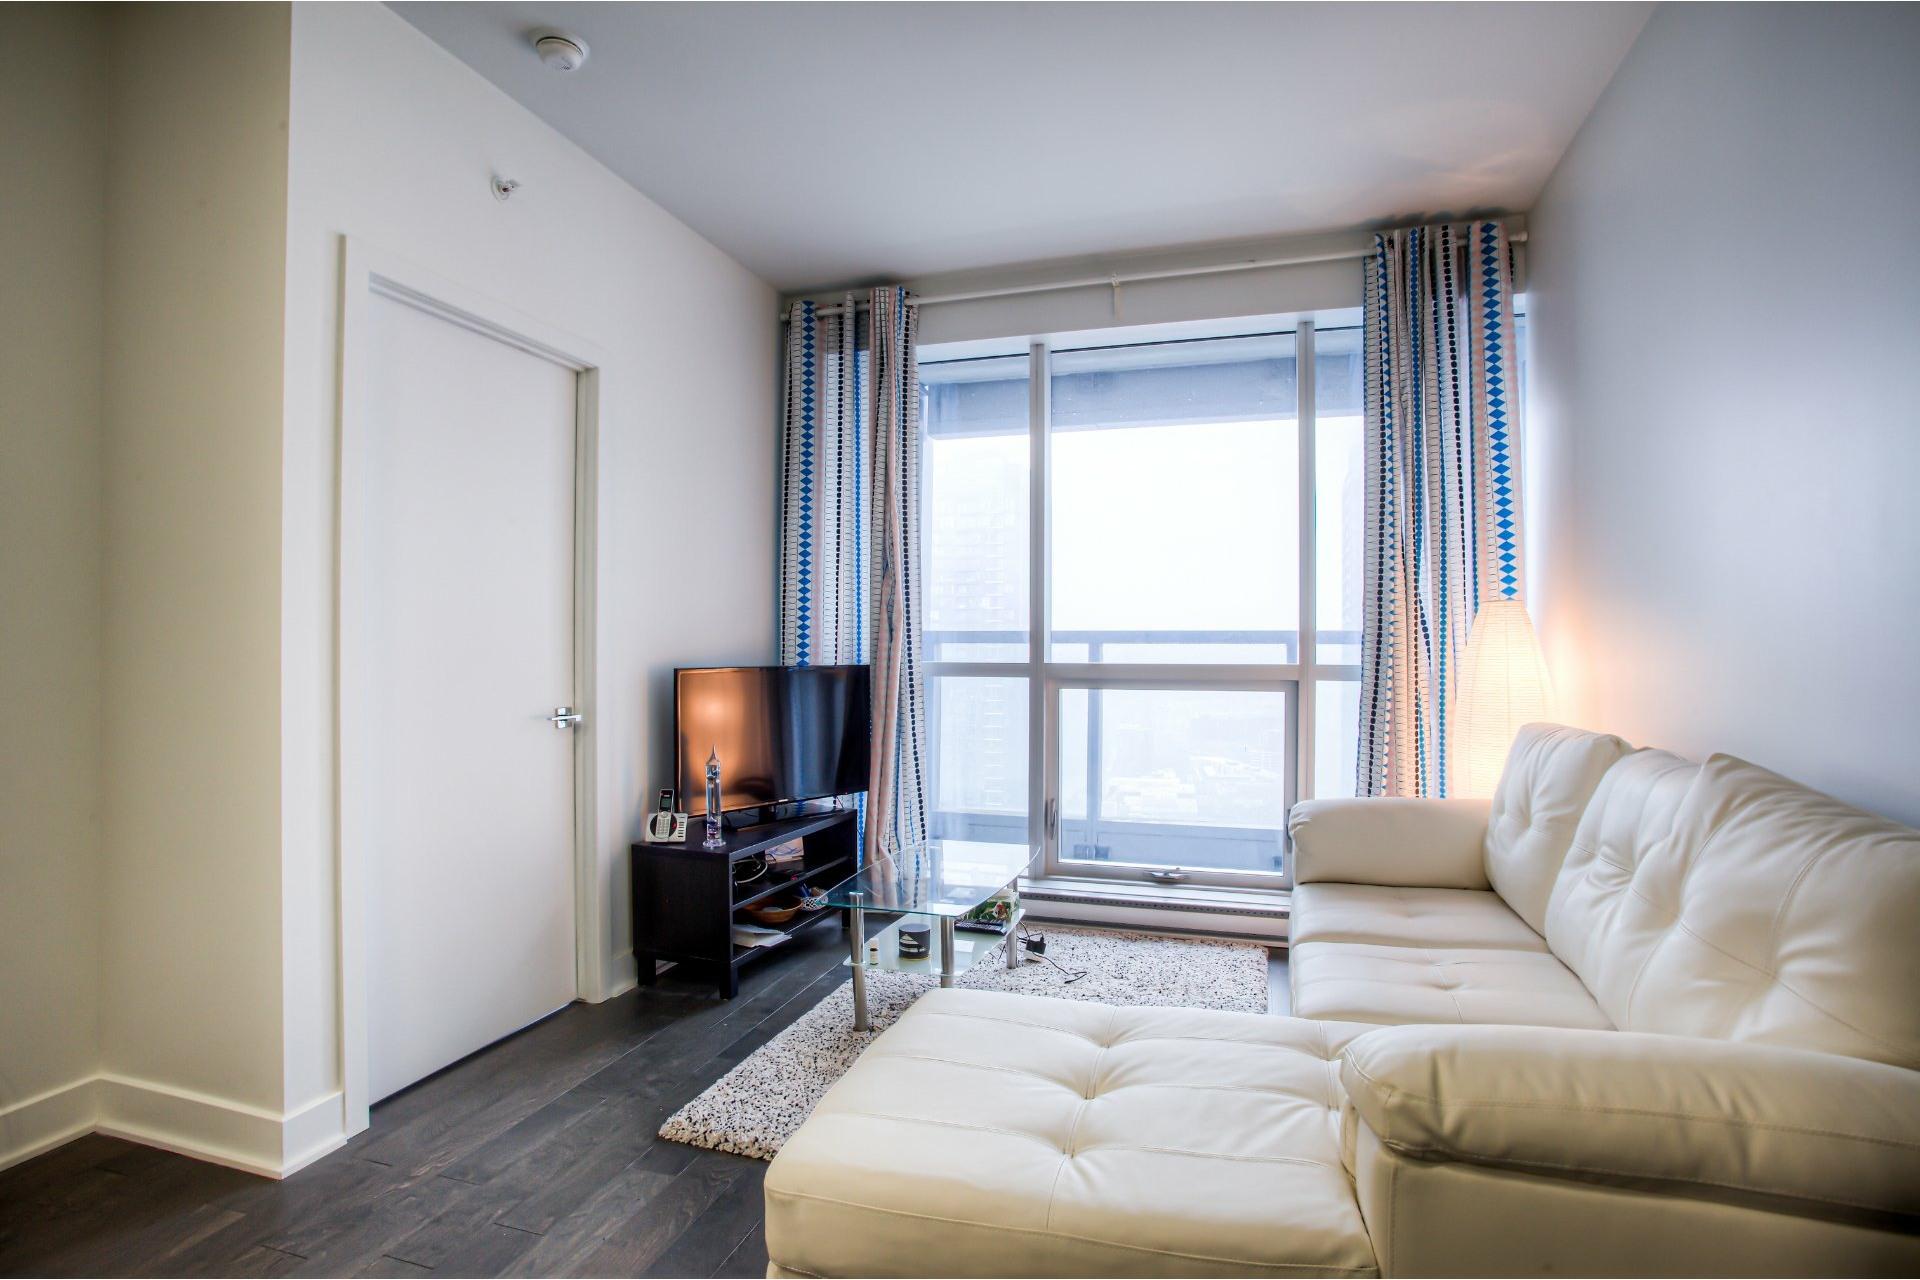 image 8 - Appartement À louer Ville-Marie Montréal  - 5 pièces